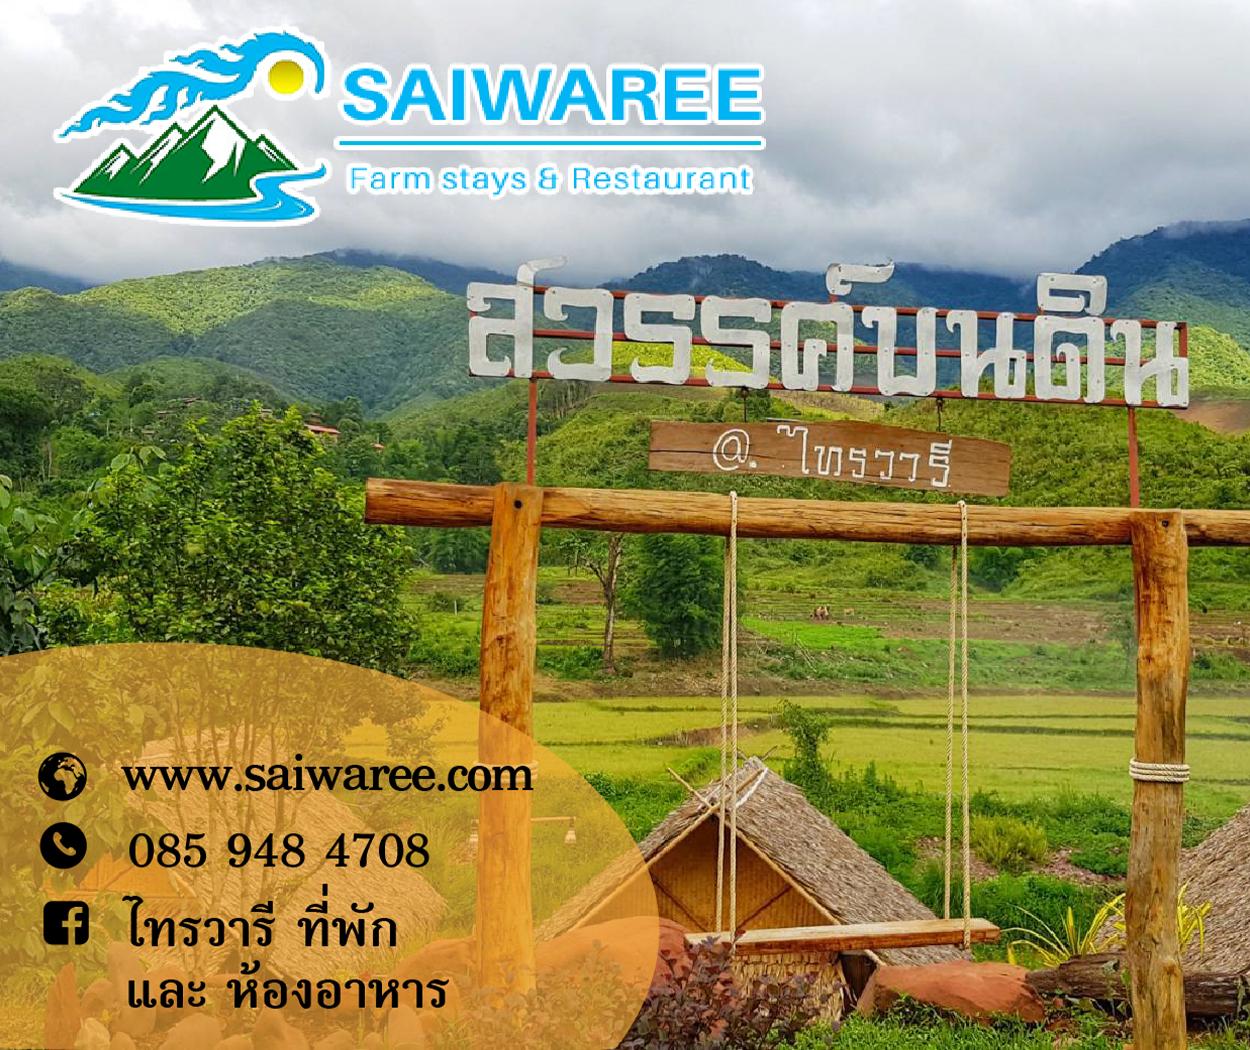 Saiwaree Farm Stays